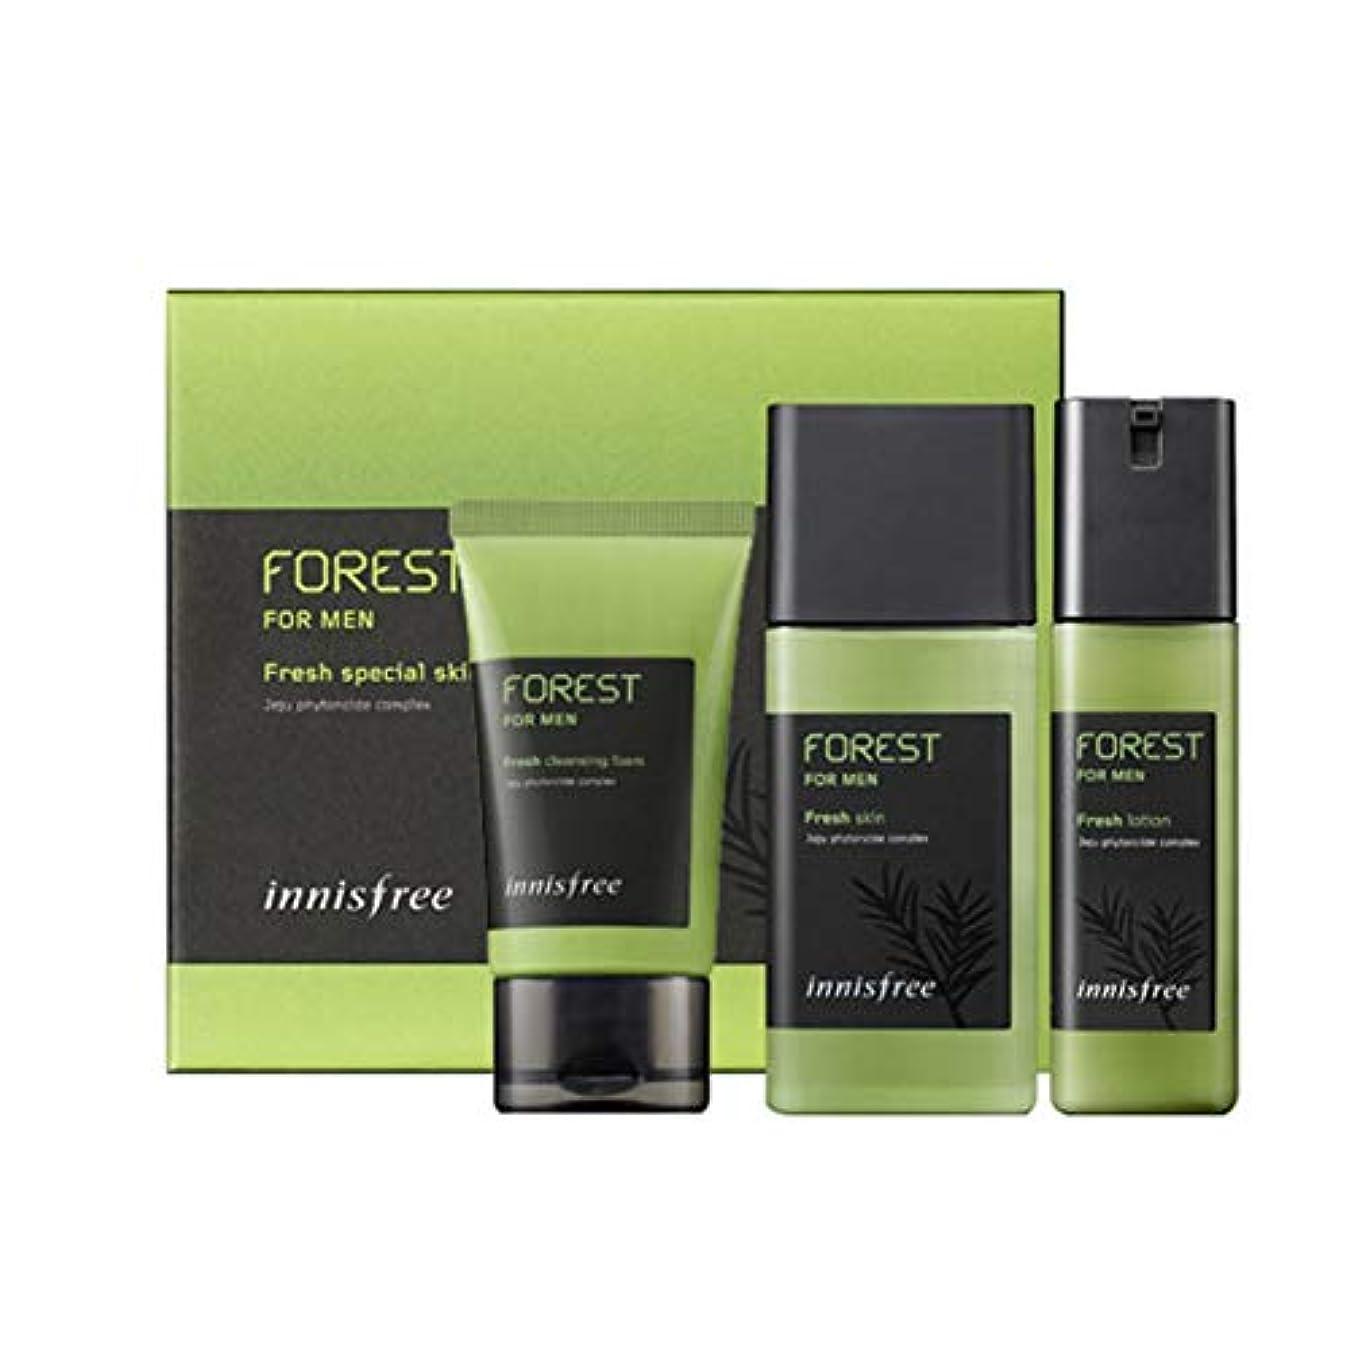 謝る閉塞即席イニスフリーフォレストフォーマンフレッシュスキンケアセットスキンローションクレンジングフォームメンズコスメ 韓国コスメ、innisfree Forest for Men Fresh Skincare Set Skin Lotion...